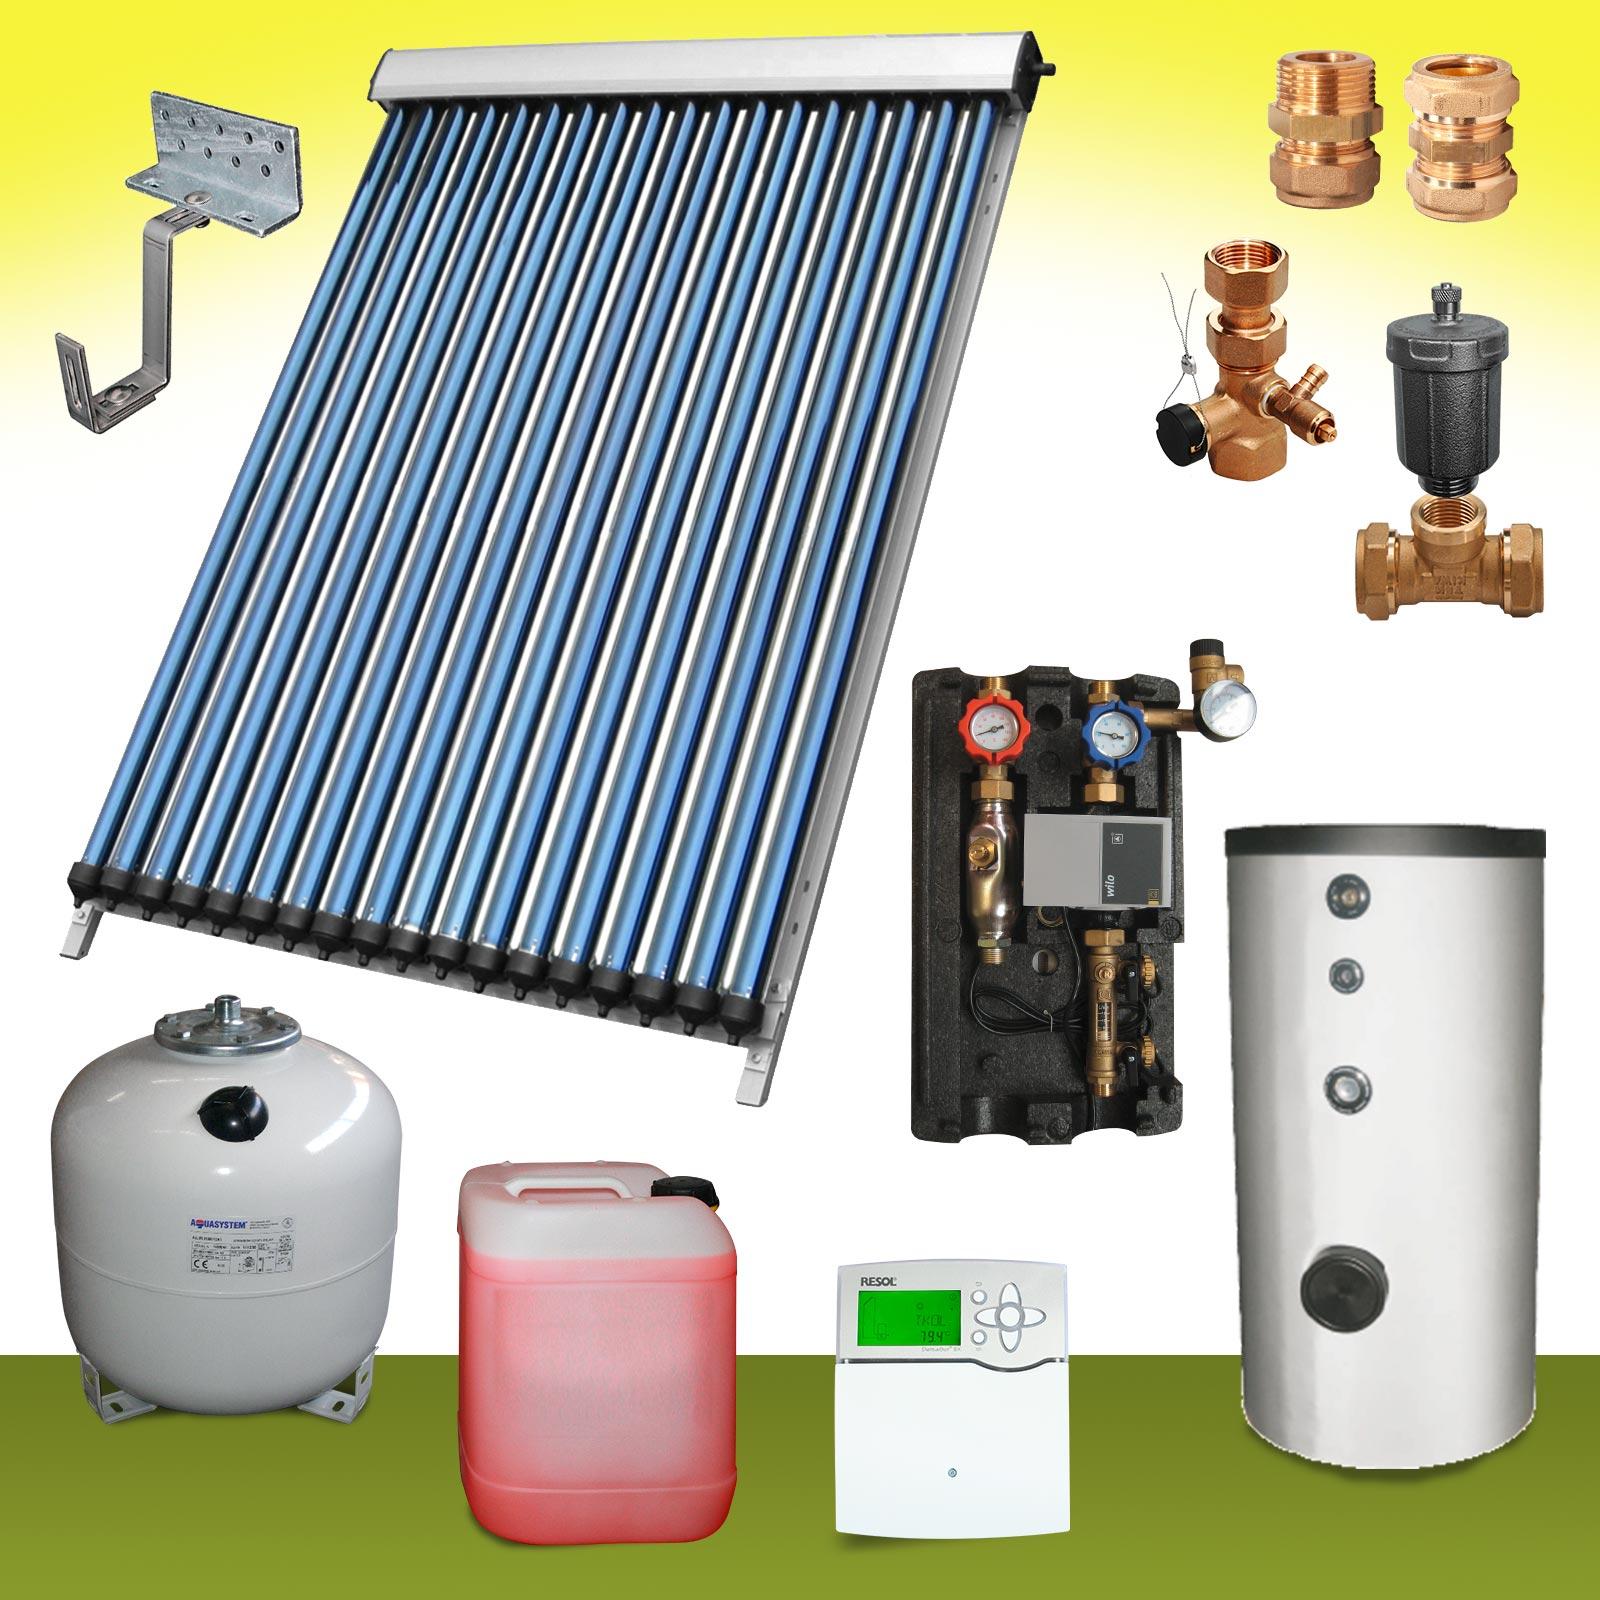 Komplettpaket 4 Bis 8m Solaranlage Warmwasser Speicher 200 300 400